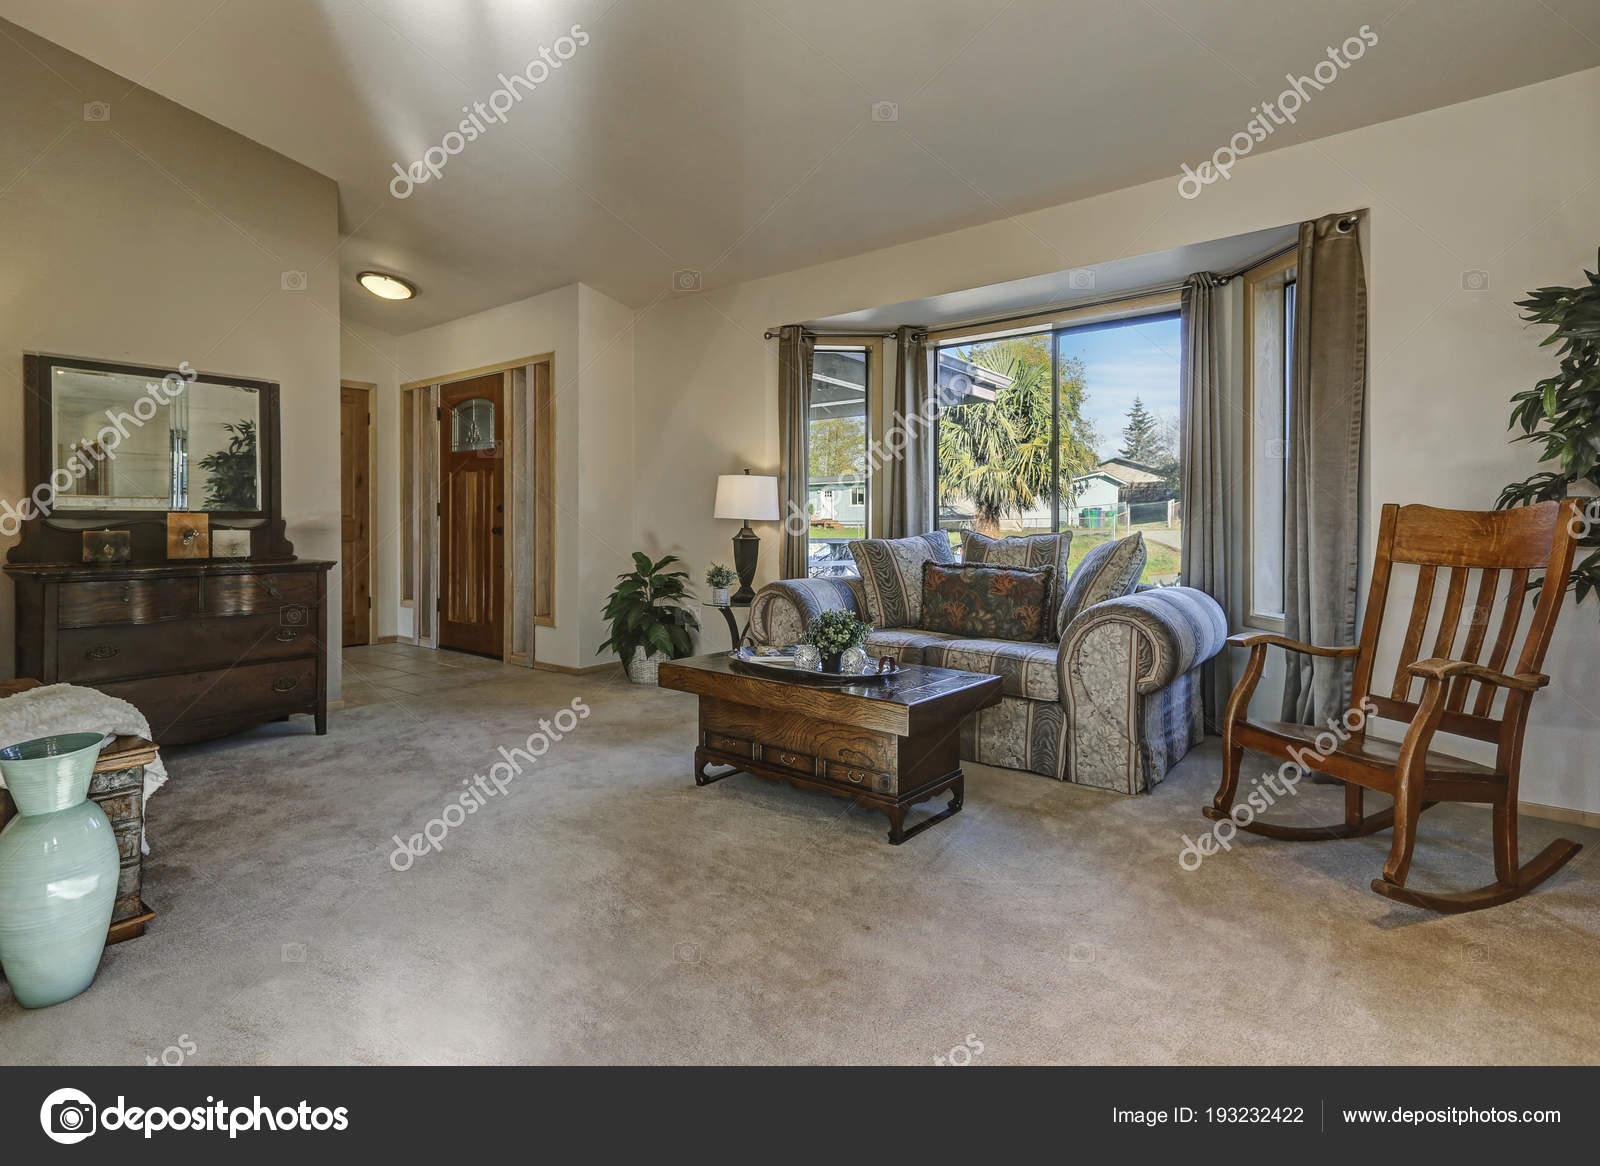 Schommelstoel Aan Plafond.Licht Gevuld Familiekamer Met Gewelfd Plafond Stockfoto